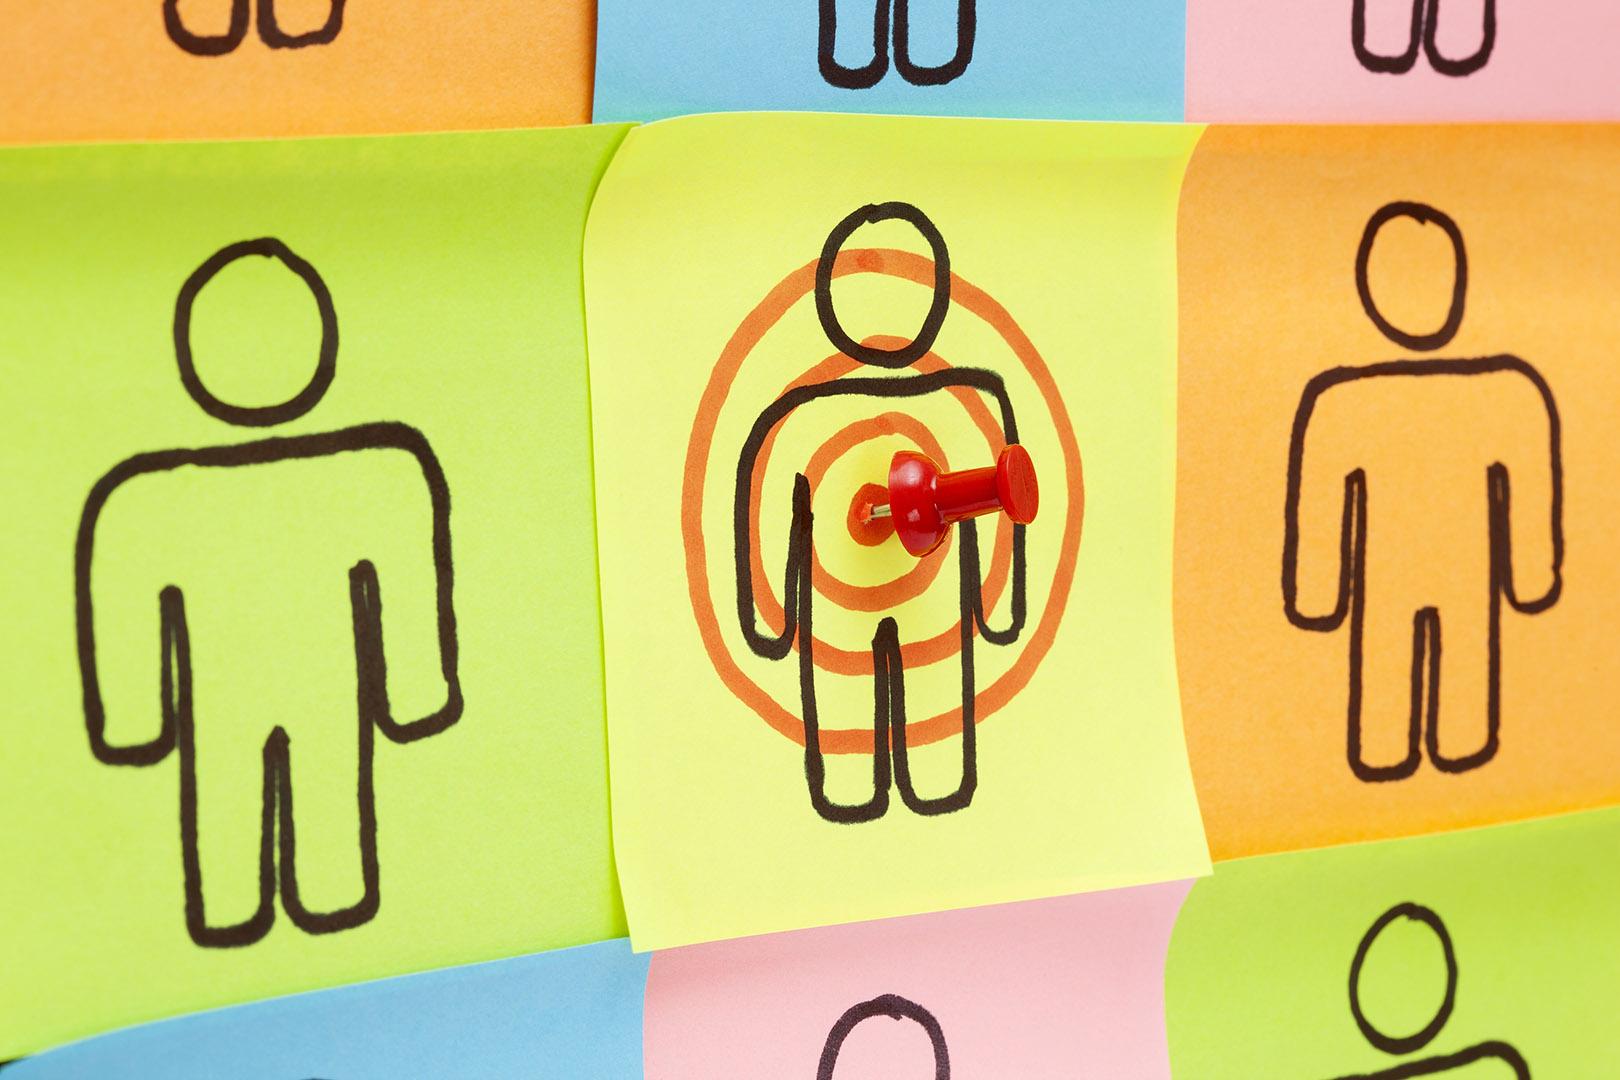 Produktorientierte #Kommunikation wird immer wichtiger!